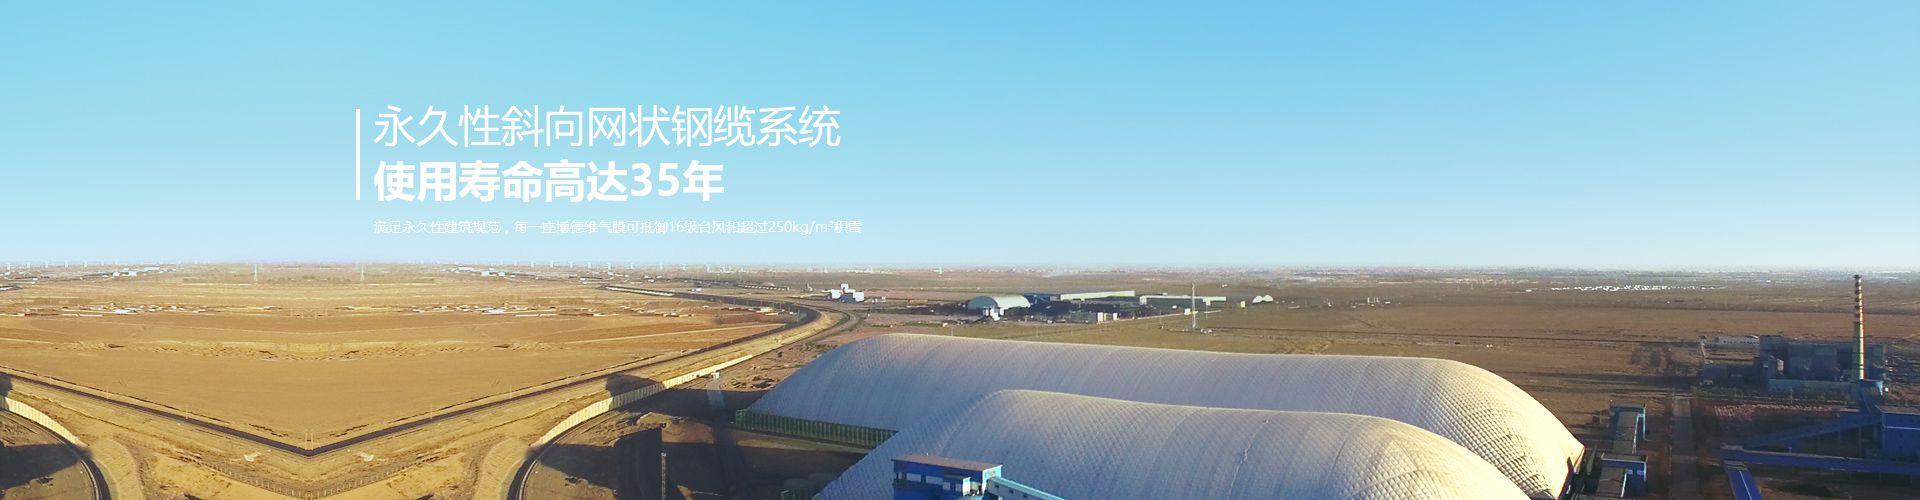 深圳市博德维环境技术股份有限公司